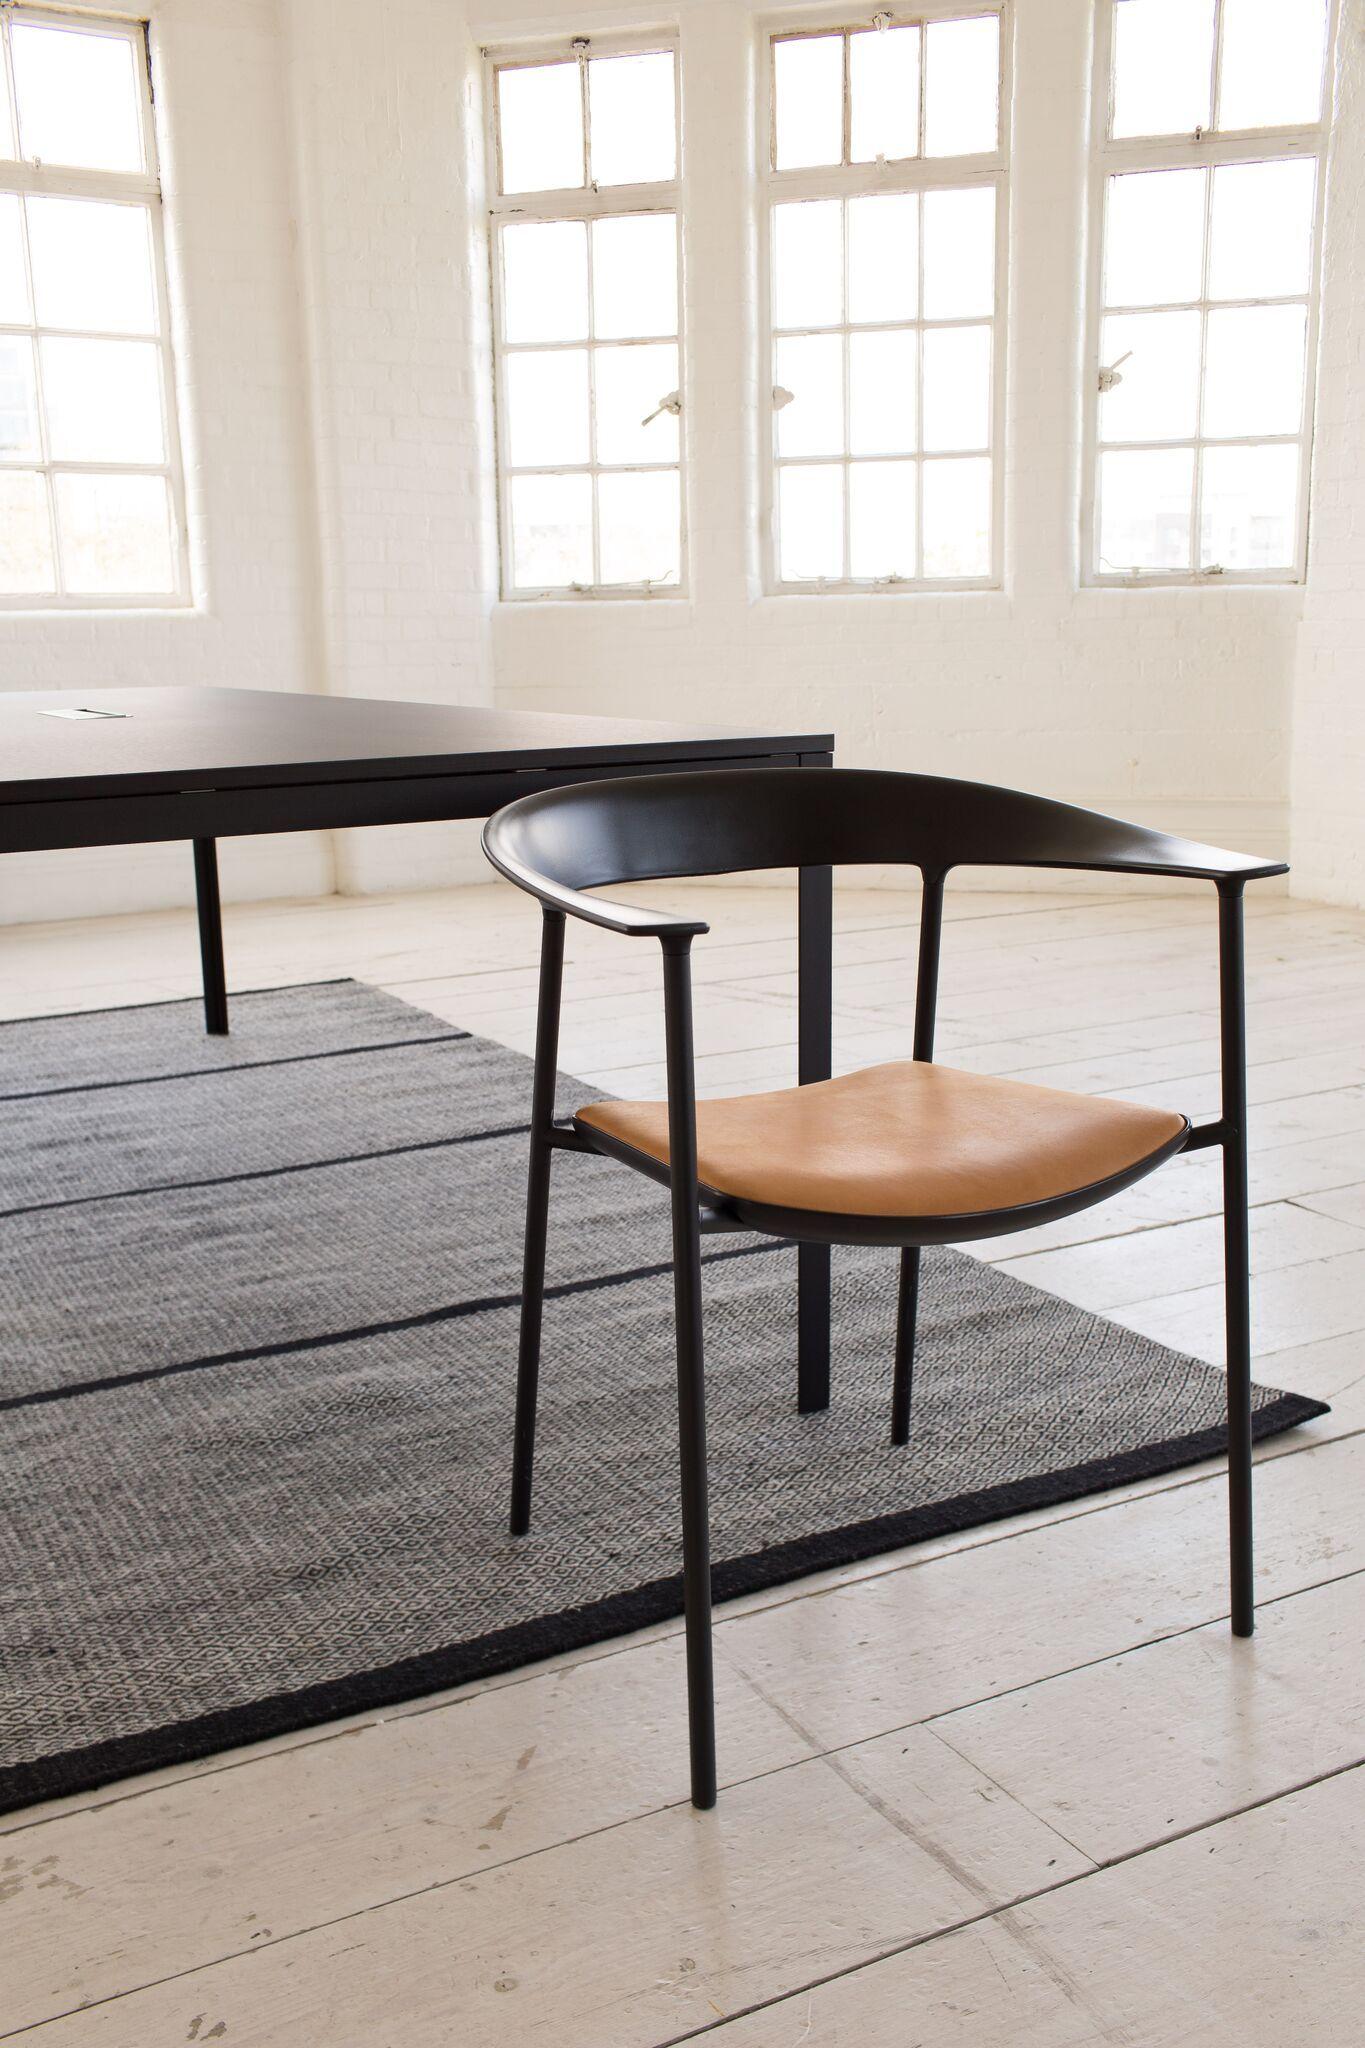 Pin von BWI Furniture auf Discuss | Pinterest